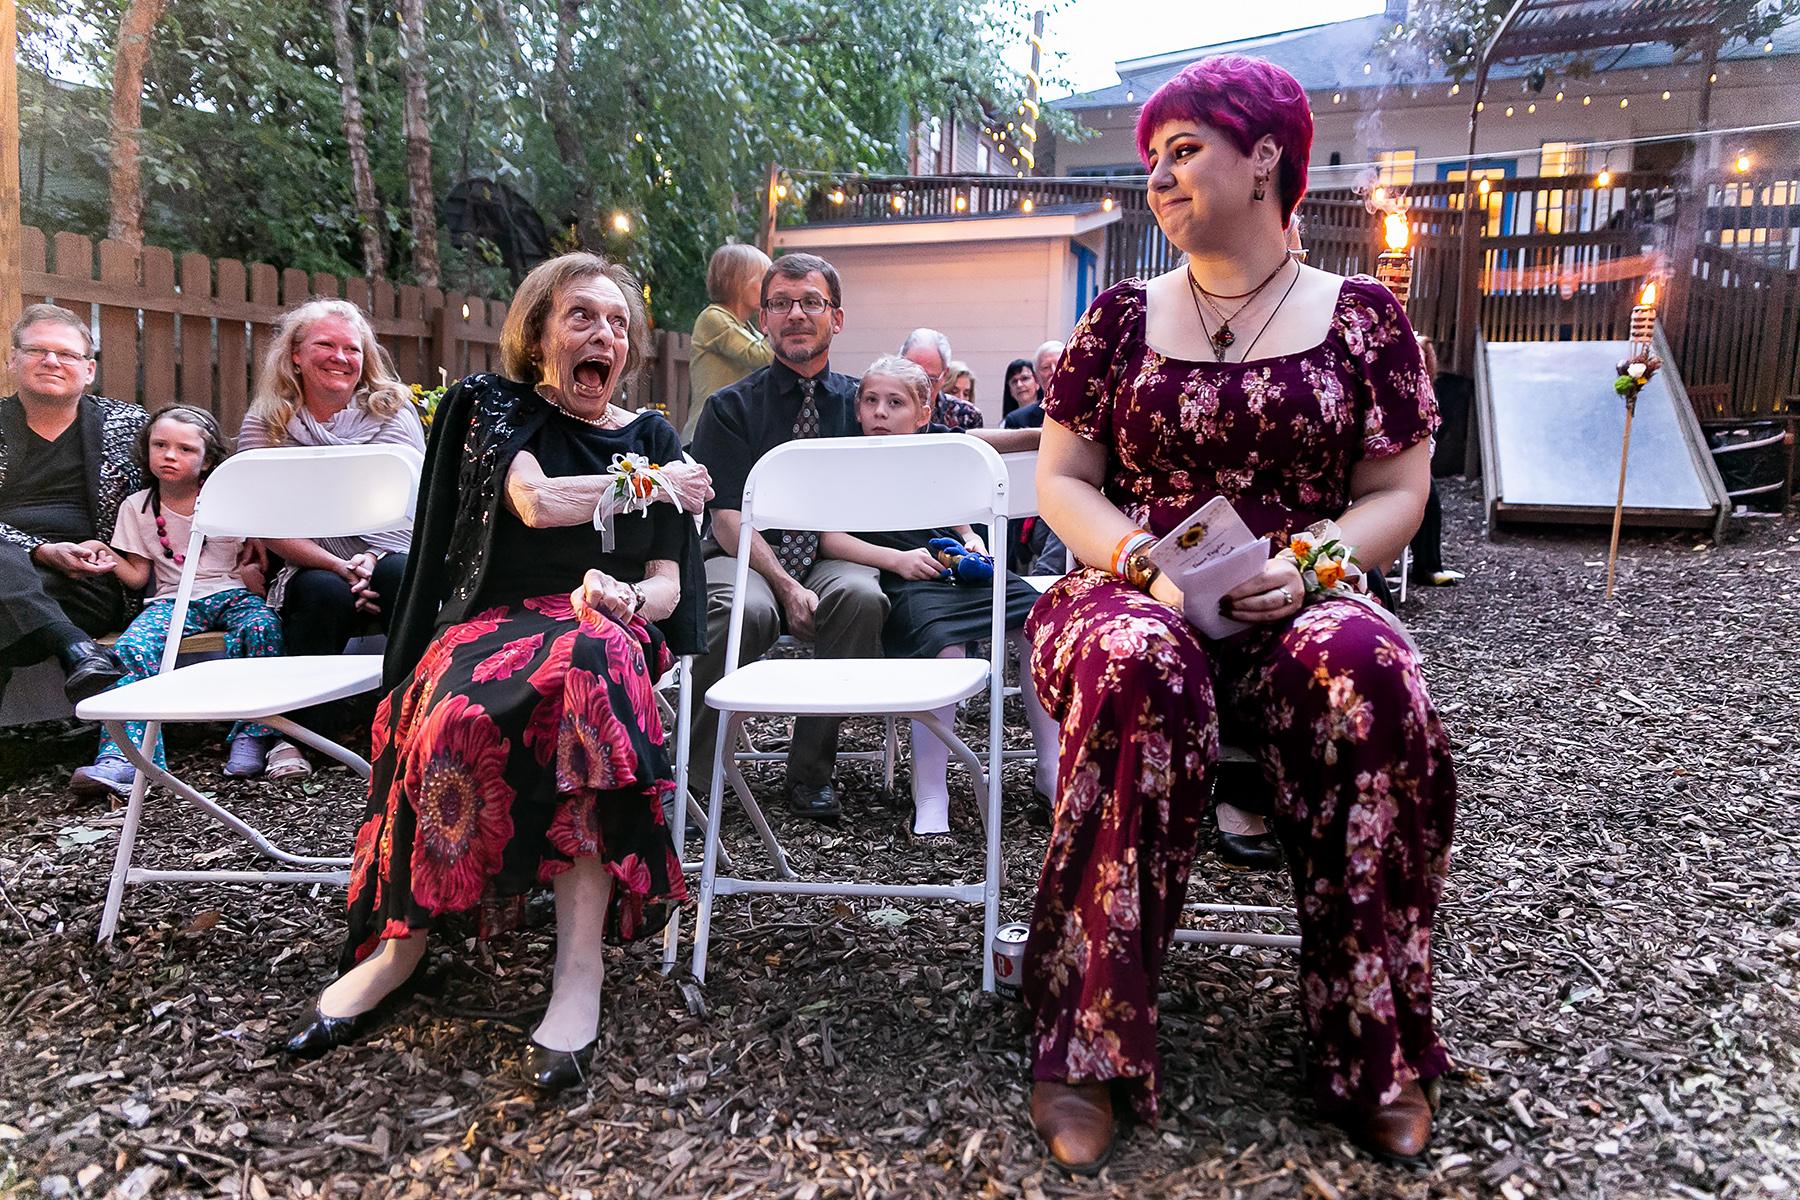 喬治亞迪凱特的婚禮和活動攝影| 新娘的姑姑慶祝結婚